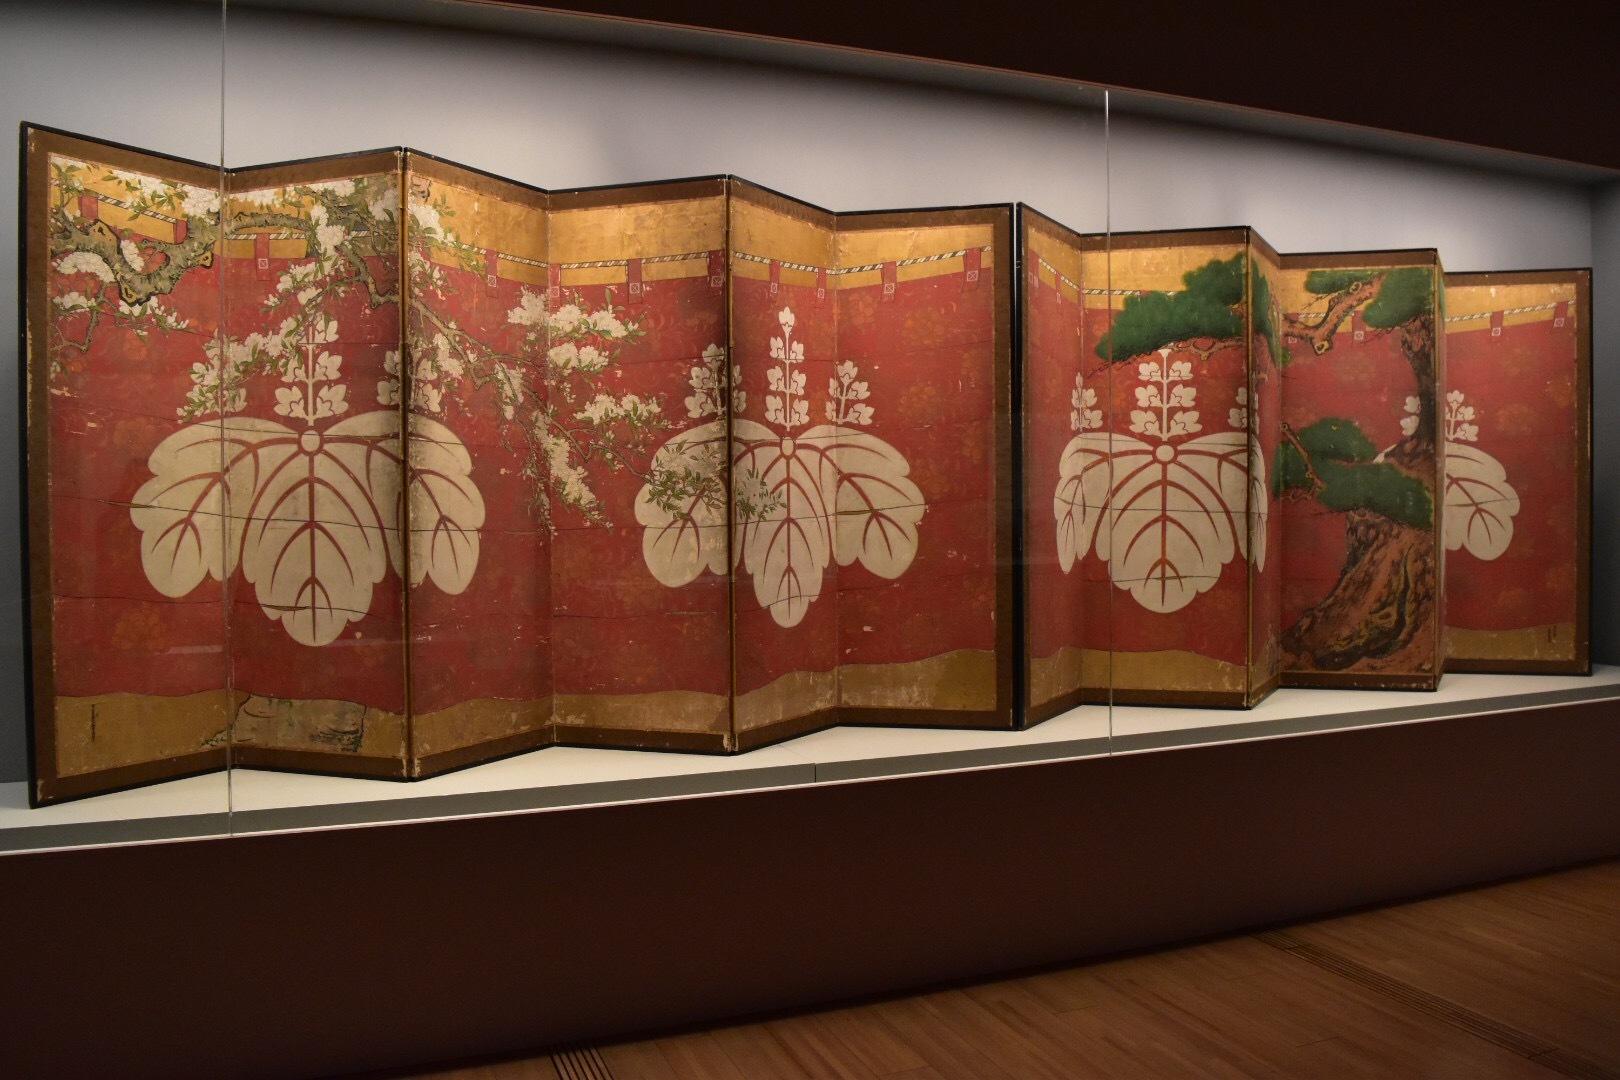 《松桜幔幕図屏風》 生駒等寿筆 江戸時代 17世紀 醍醐寺蔵